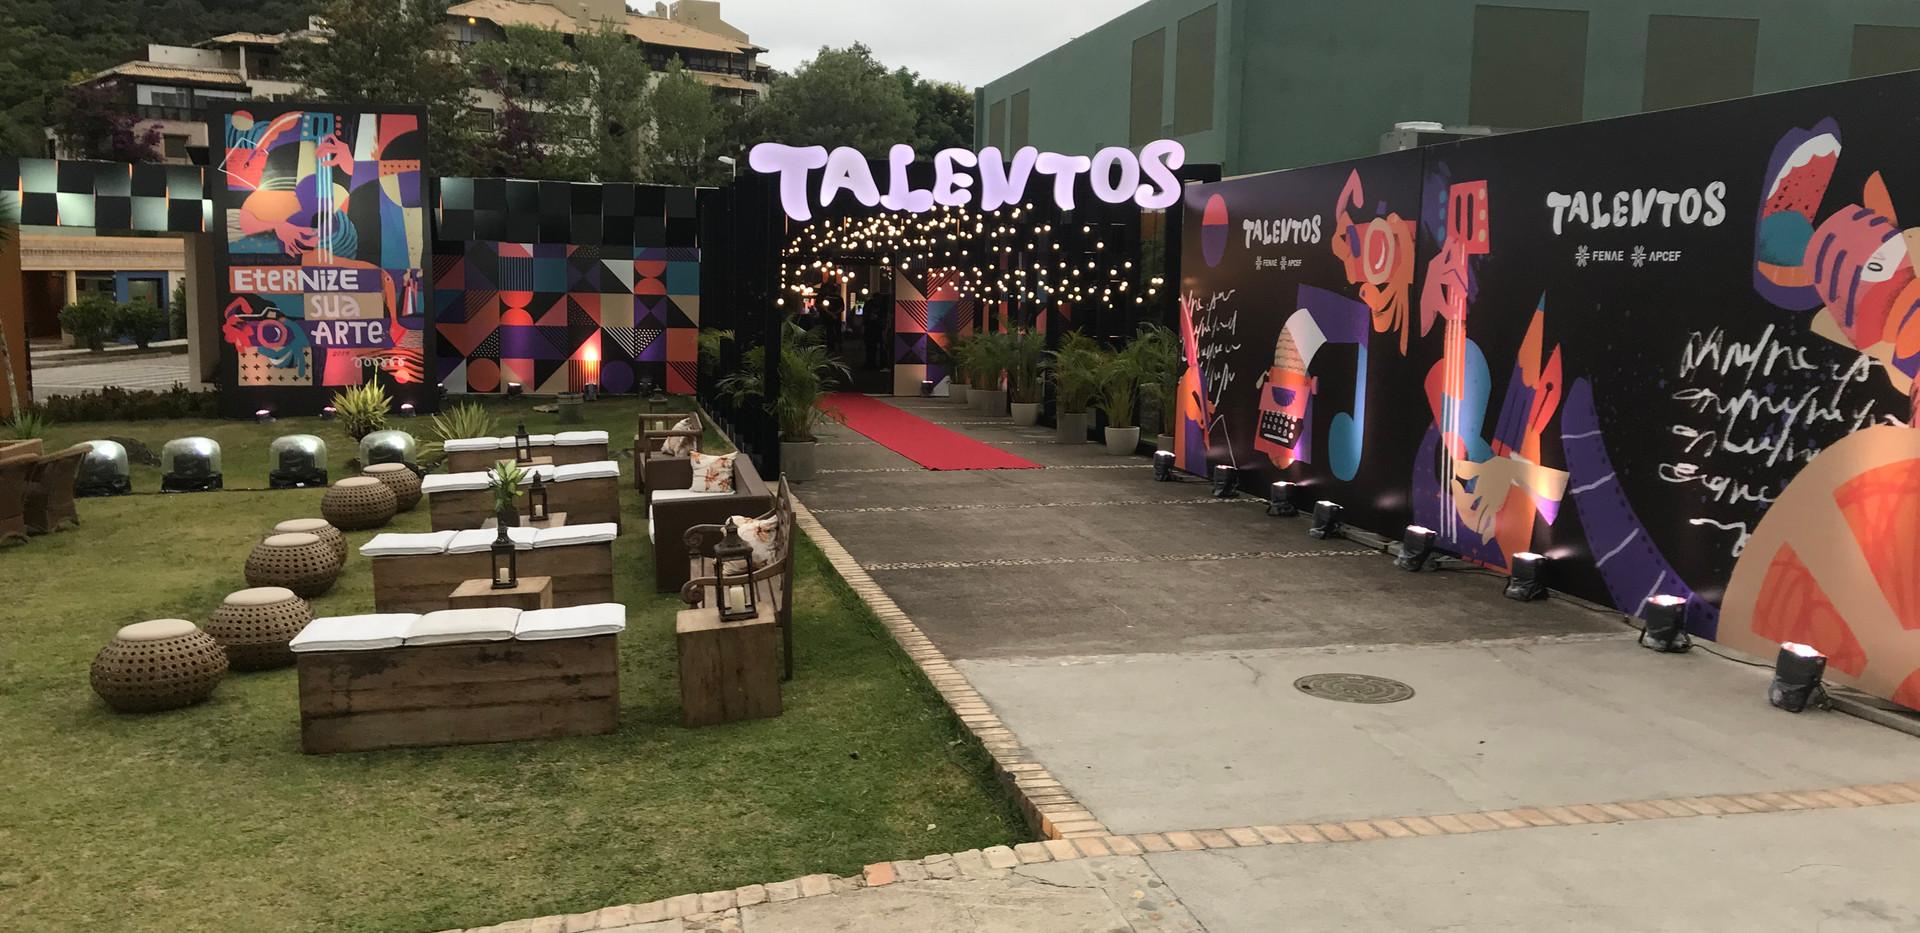 Talentos_Fenae_2019_Entrada_e_mobiliario